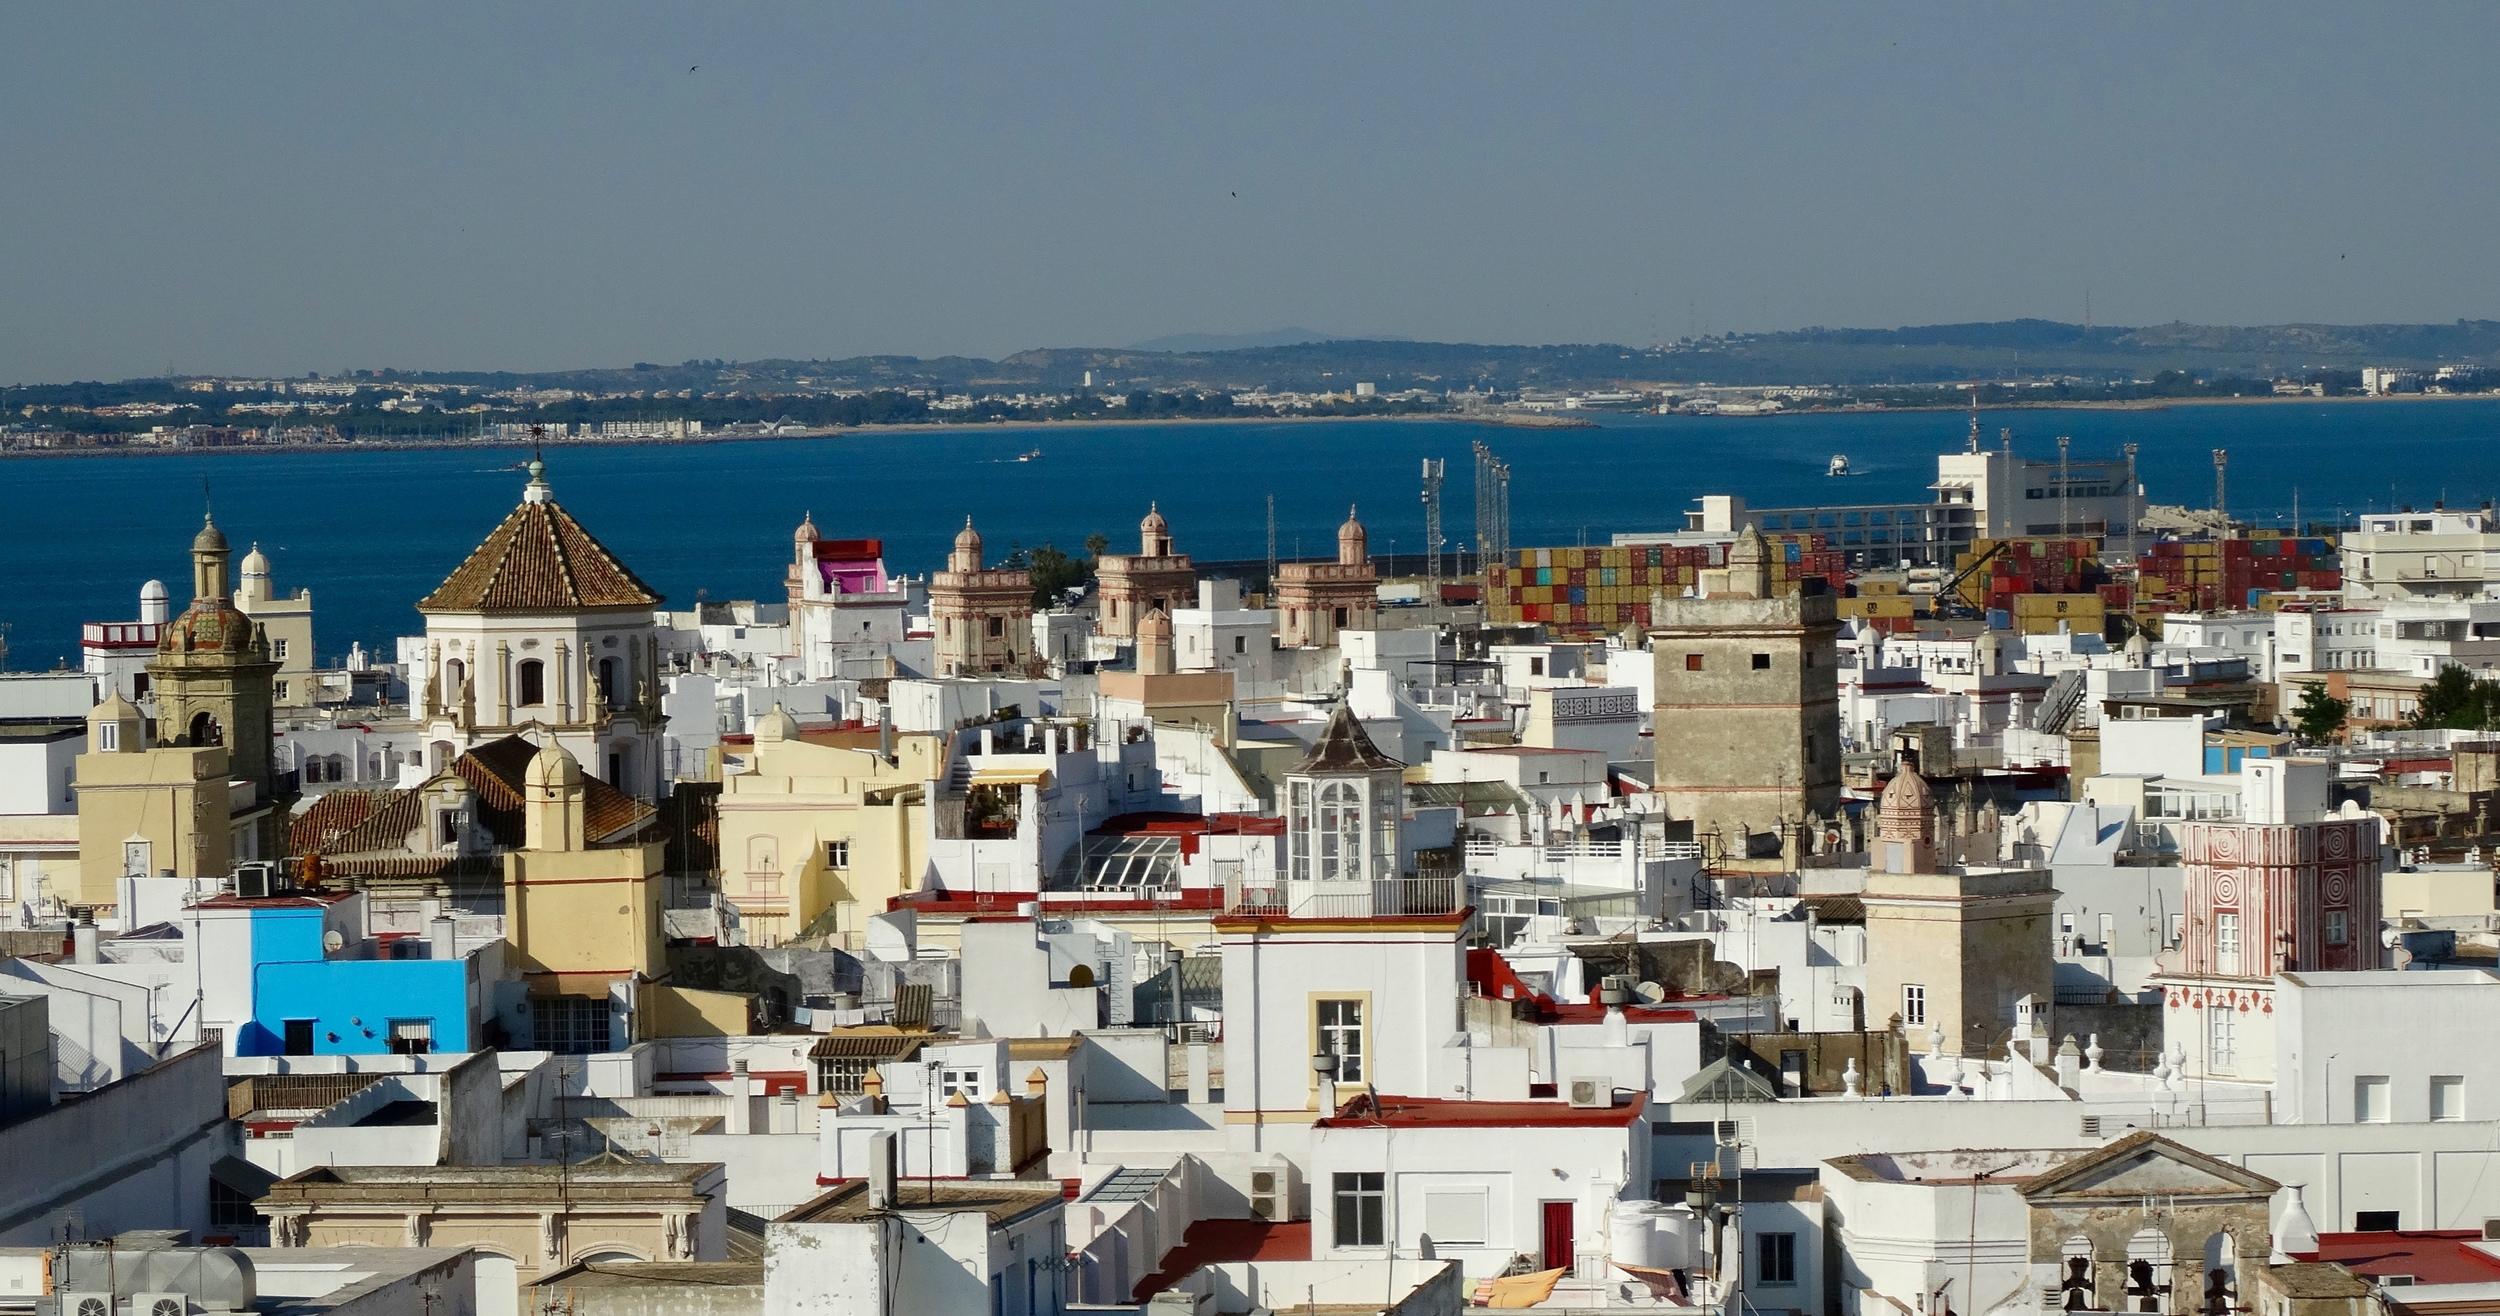 Cadiz's towers